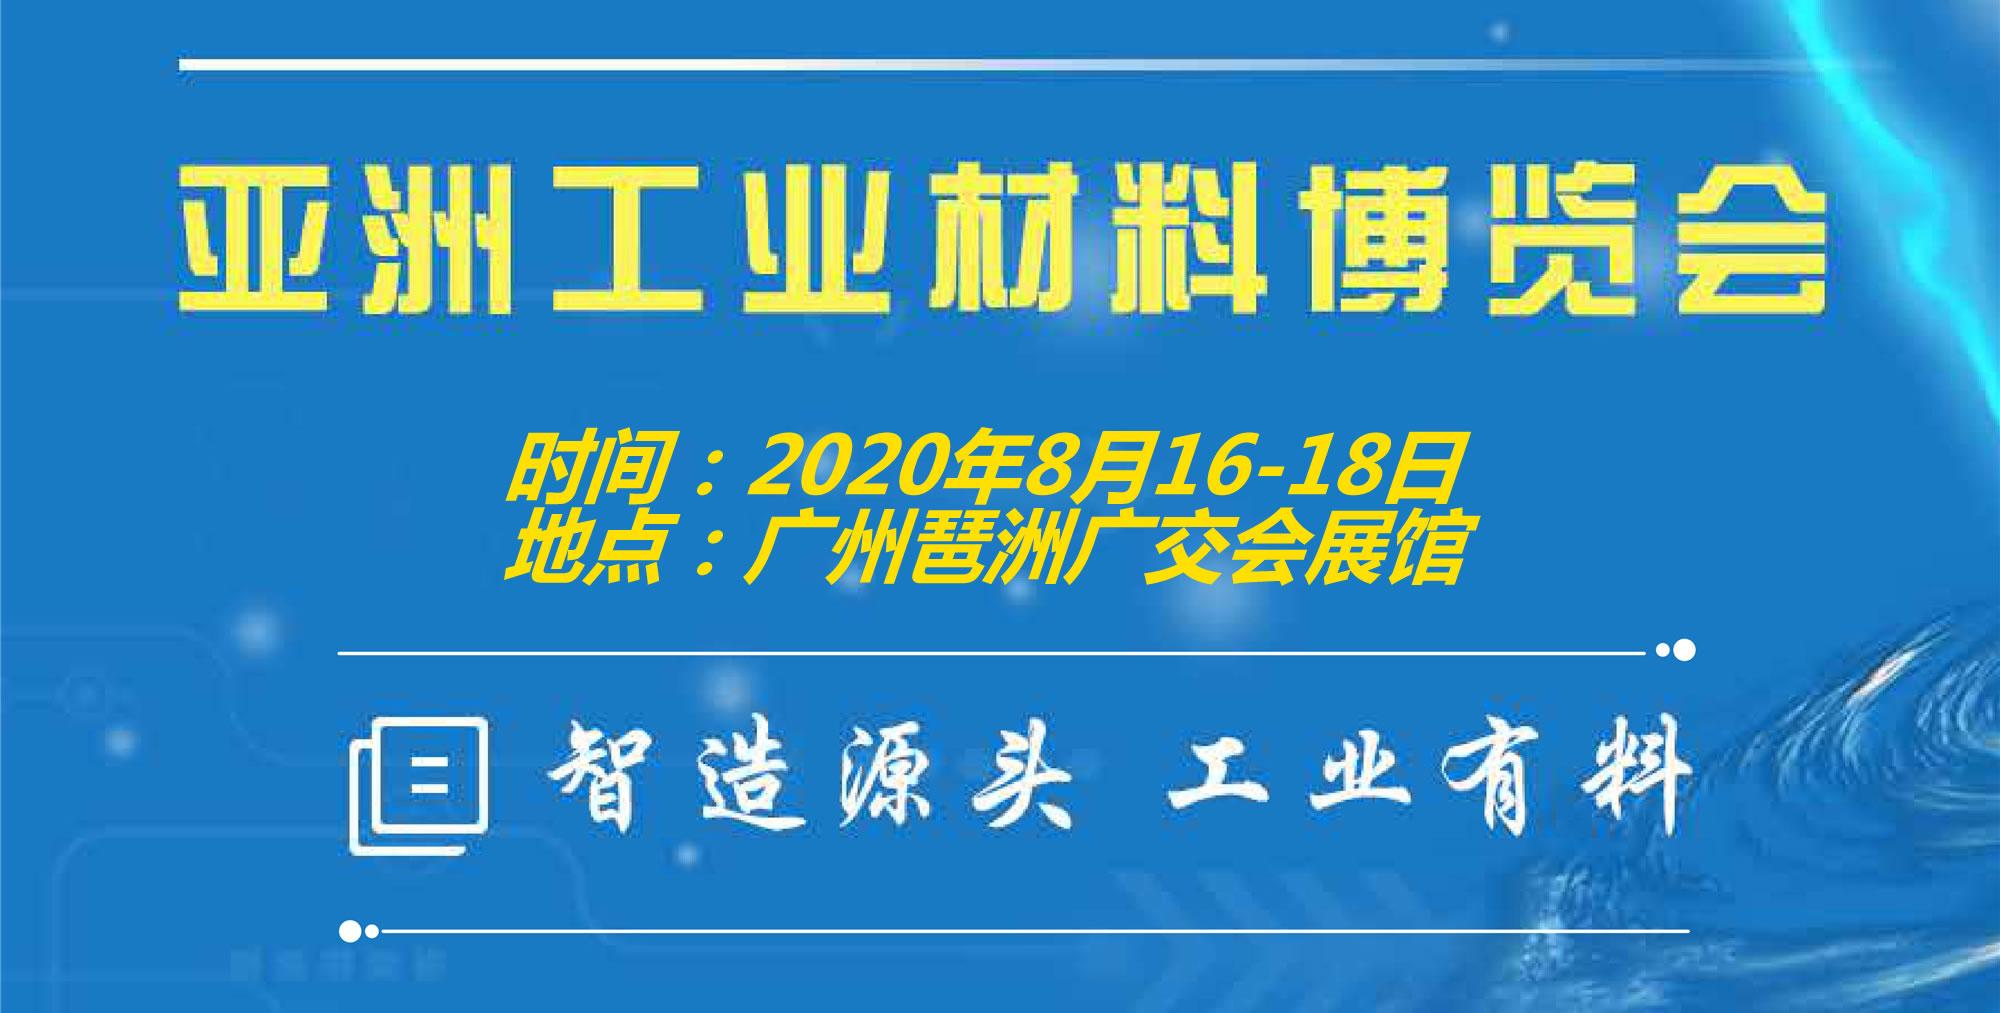 2020.8.16-18亚洲工业材料博览会